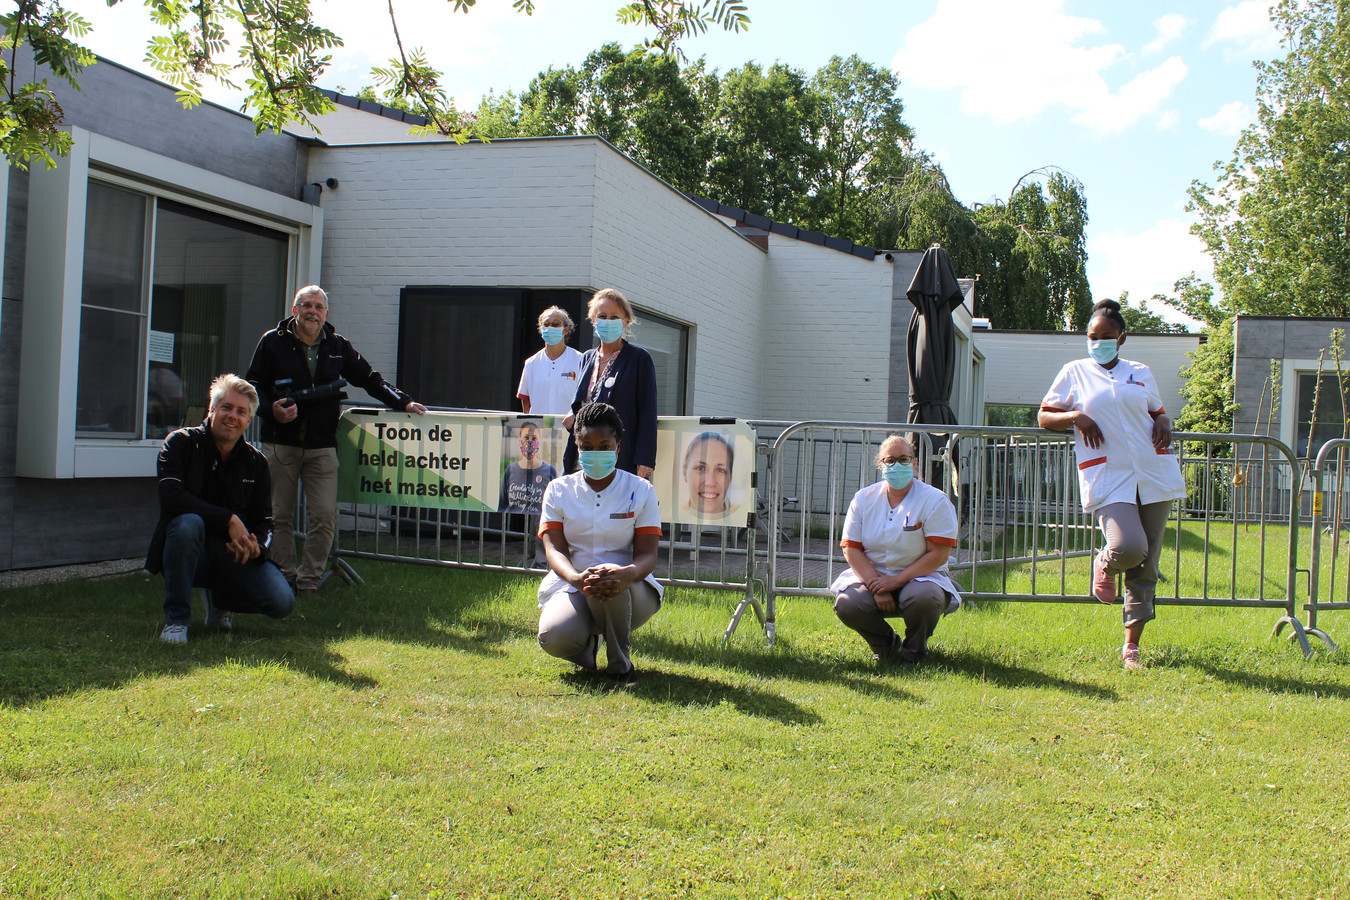 Fotograaf Luc Hilderson kwam foto's nemen van het verplegend personeel van WZC Henri Vander Stokken.